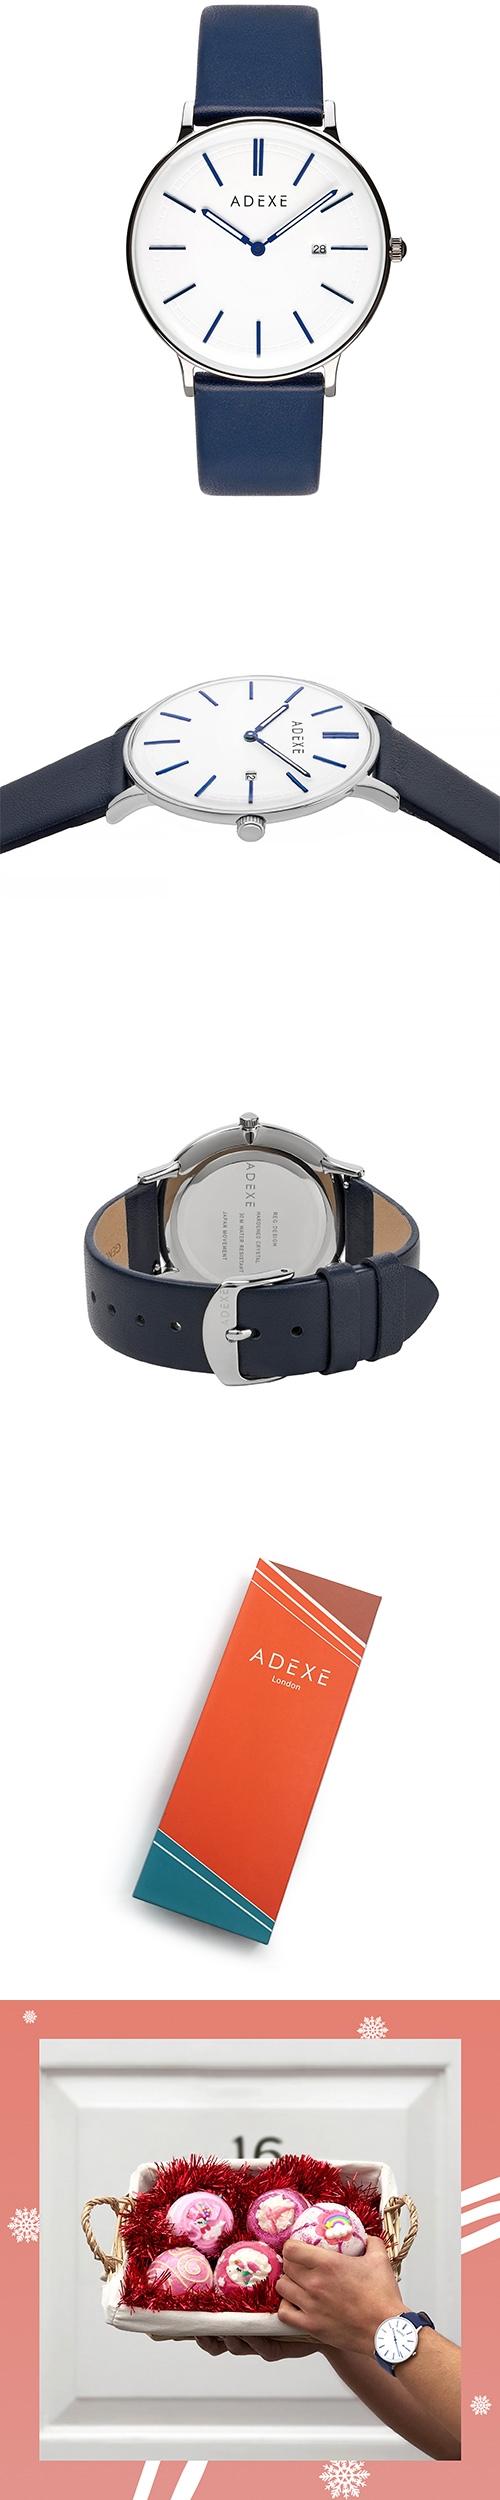 (複製)ADEXE|英國時尚手錶 Freerunner單眼系列 白錶盤x銀錶框皮革錶帶32.5mm 2043C-02